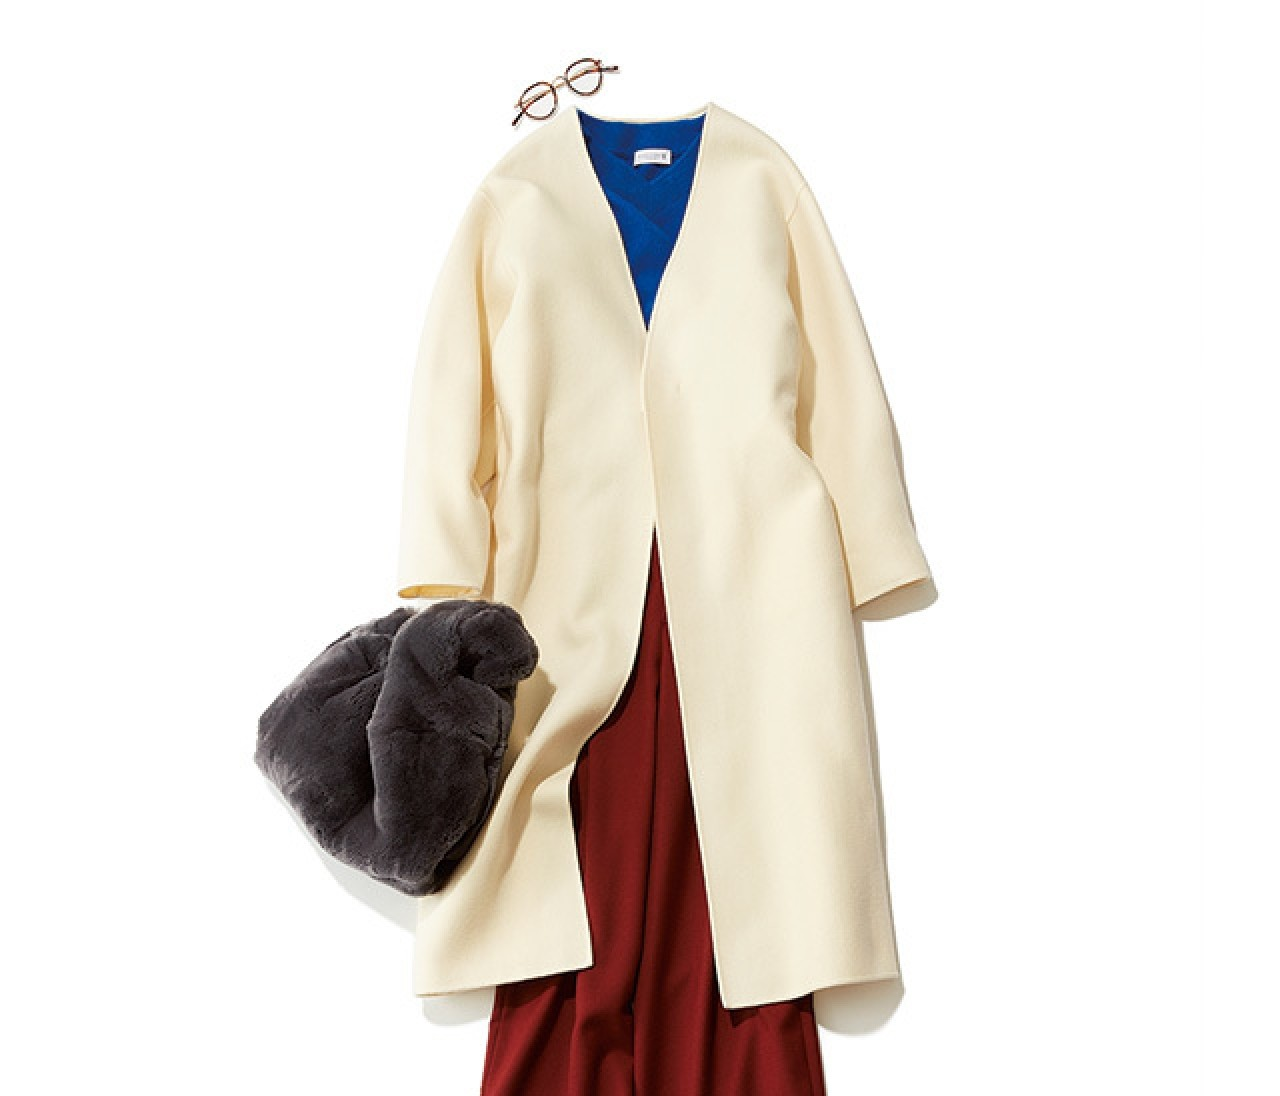 ホワイトコートが見違える! ブルー×赤みレッドで、新鮮冬コーデ♡